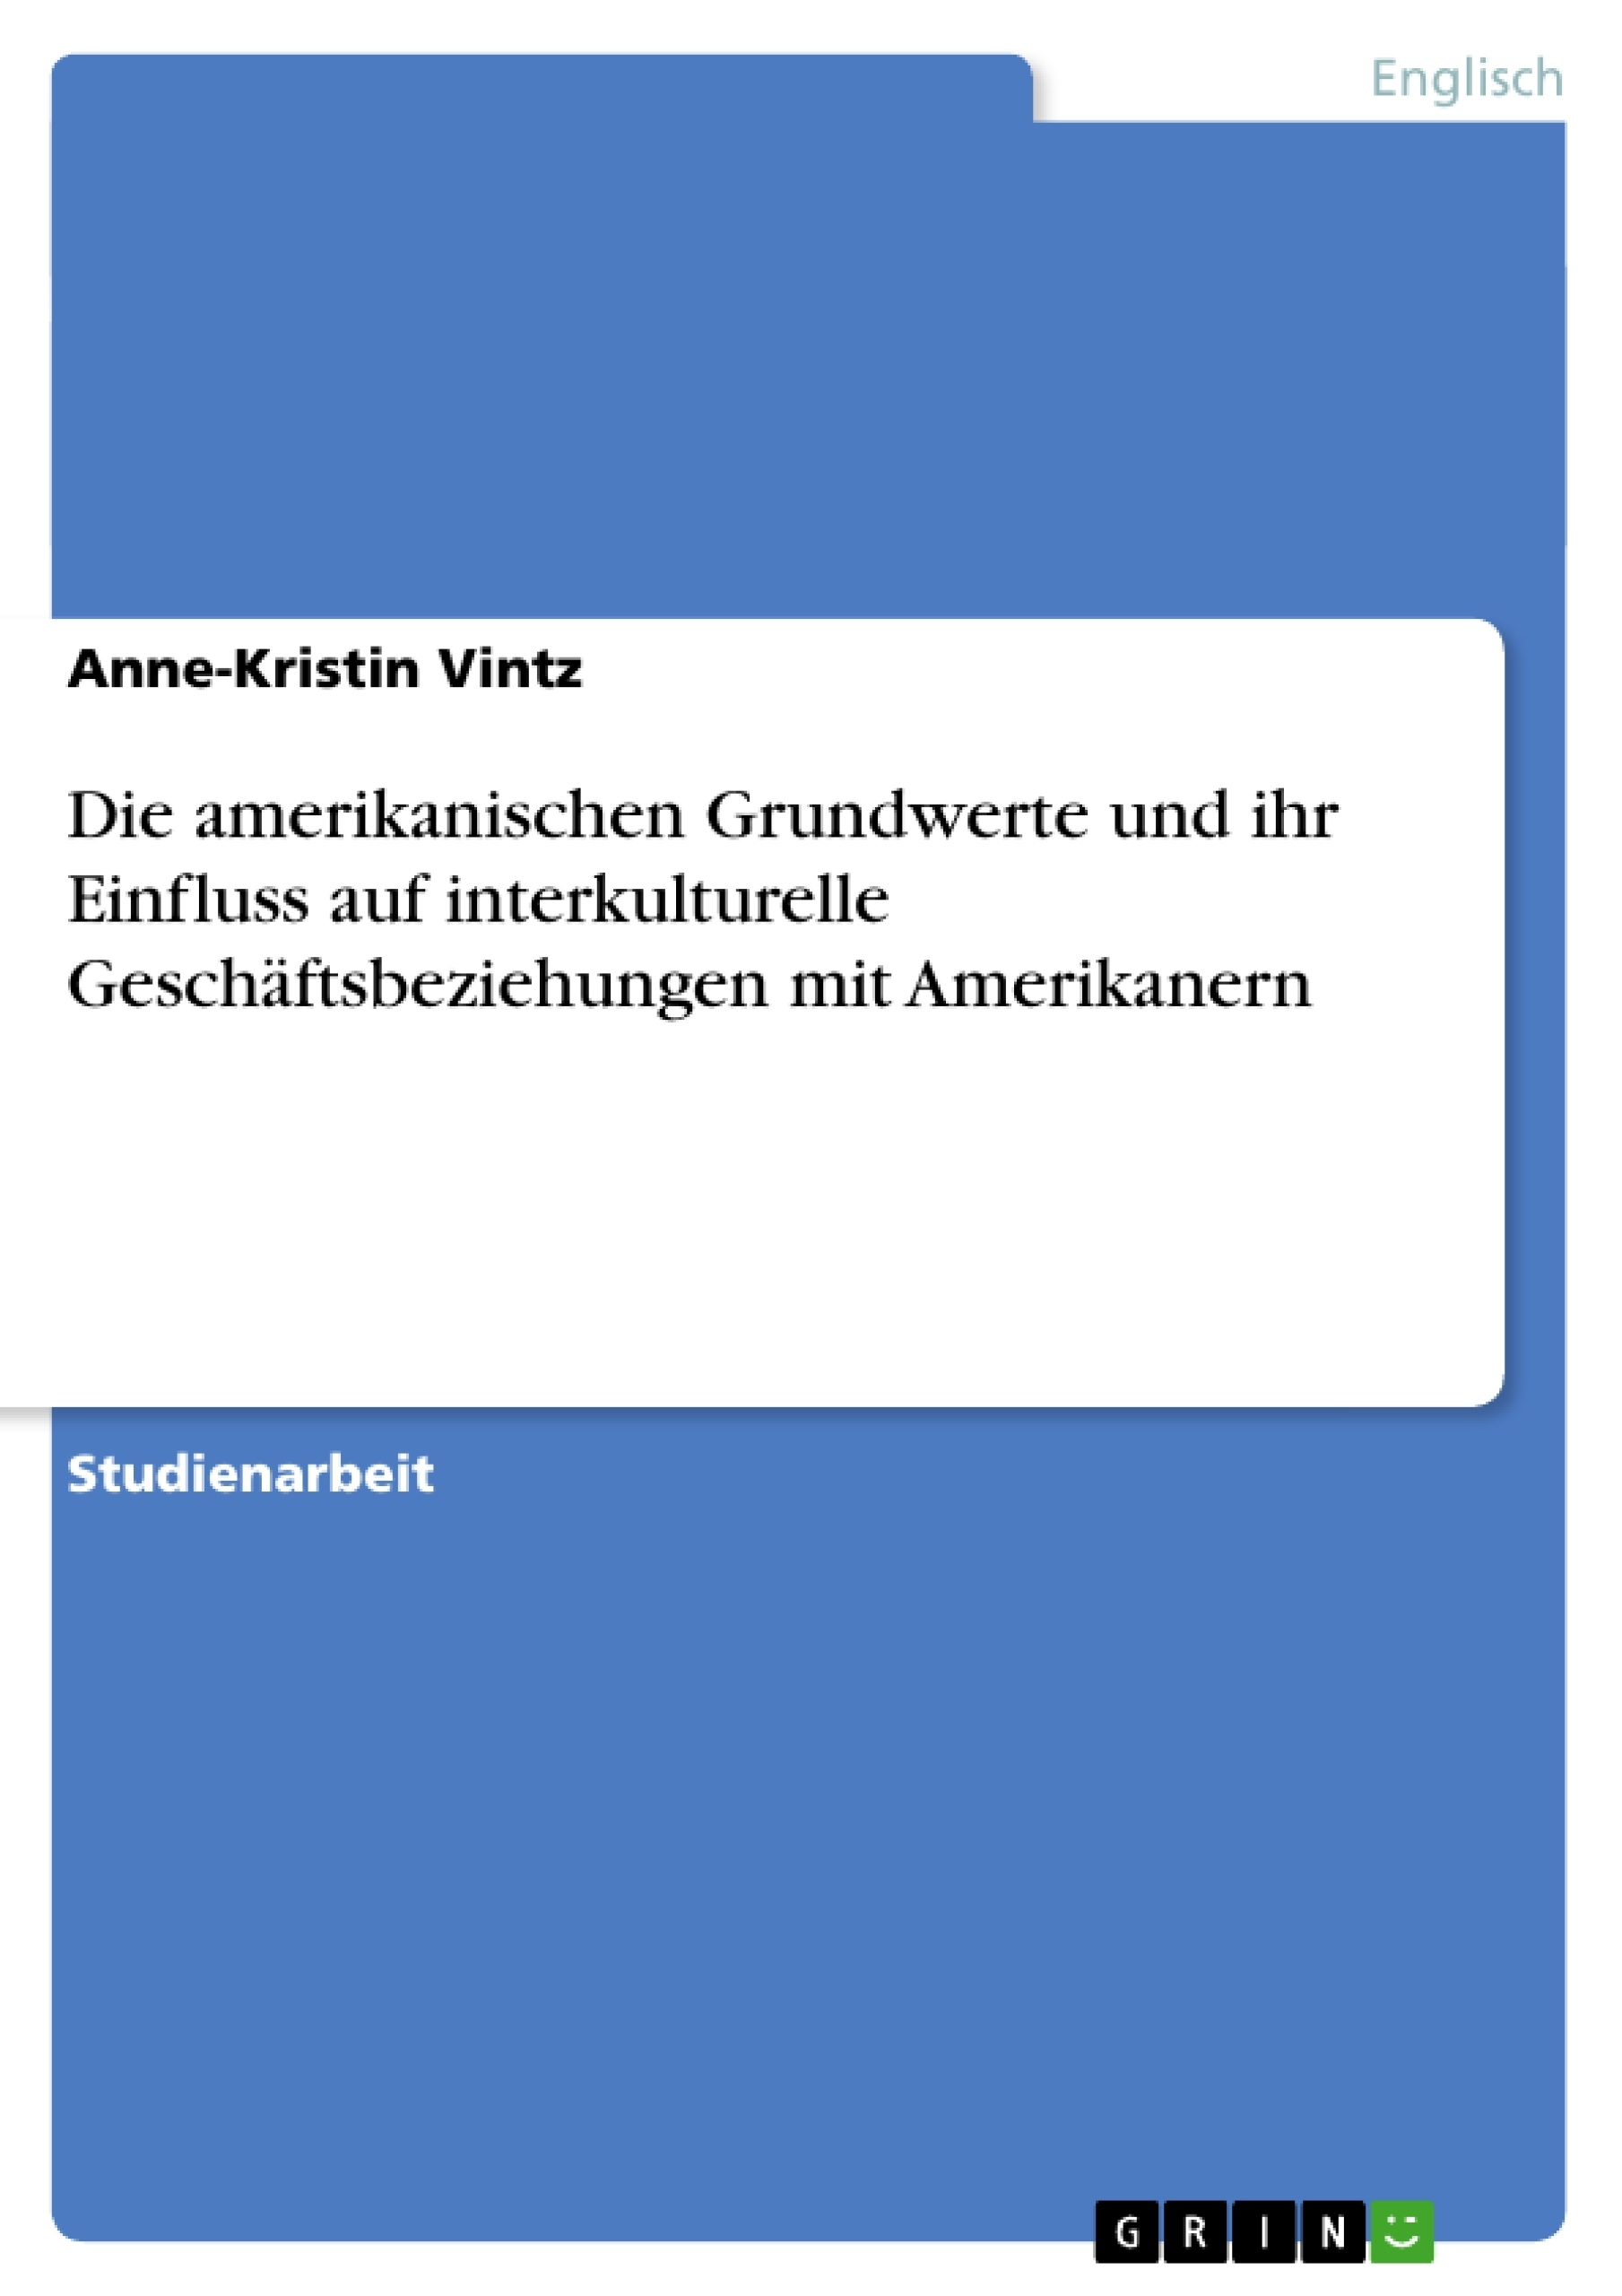 Titel: Die amerikanischen Grundwerte und ihr Einfluss auf interkulturelle Geschäftsbeziehungen mit Amerikanern